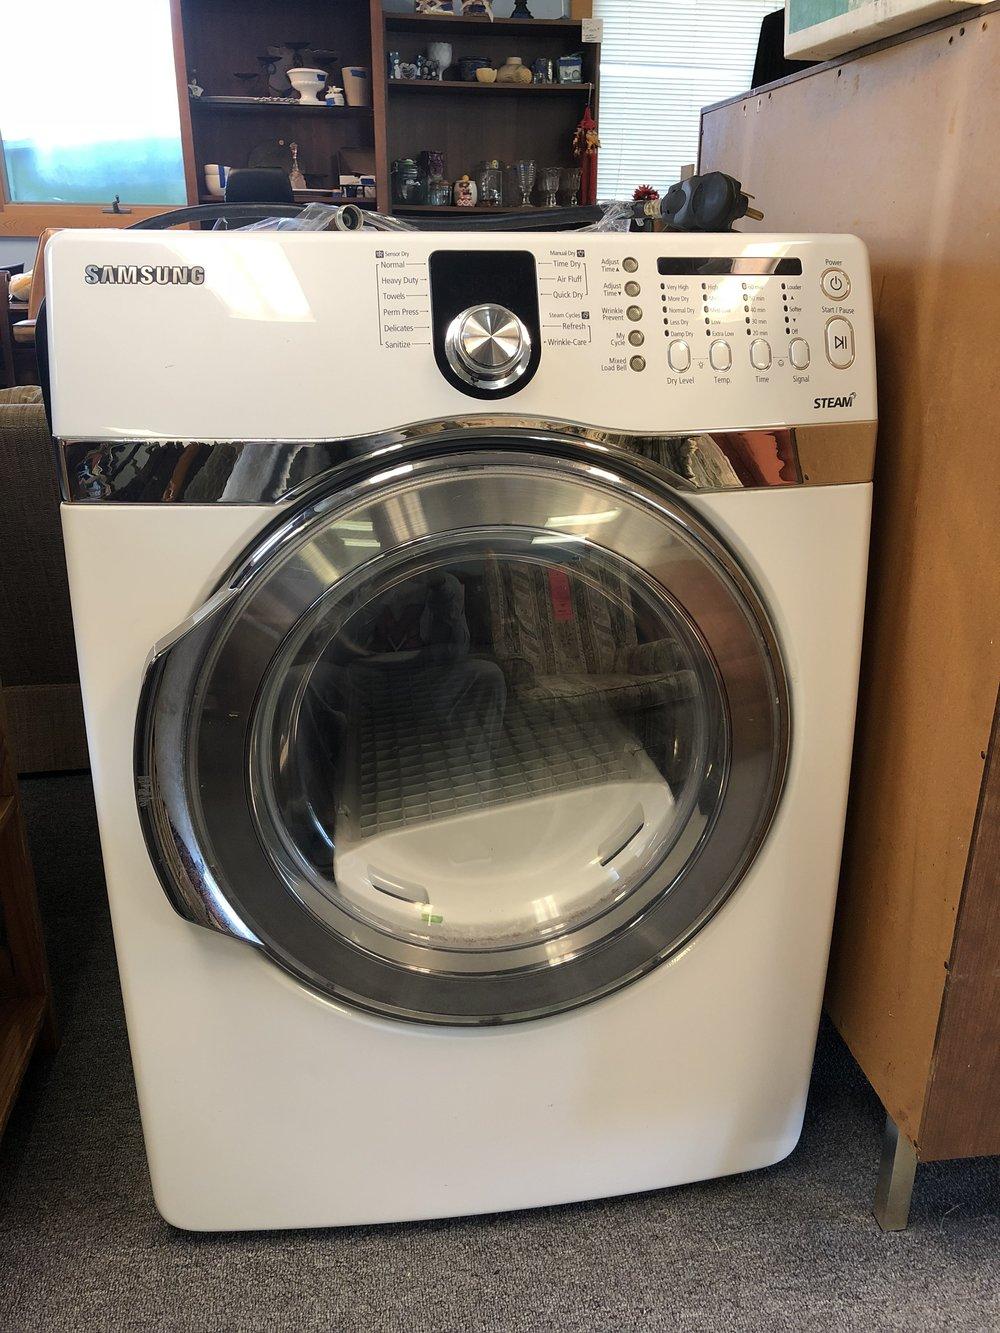 Samsung Steam Dryer, good condition; Price: $100.00